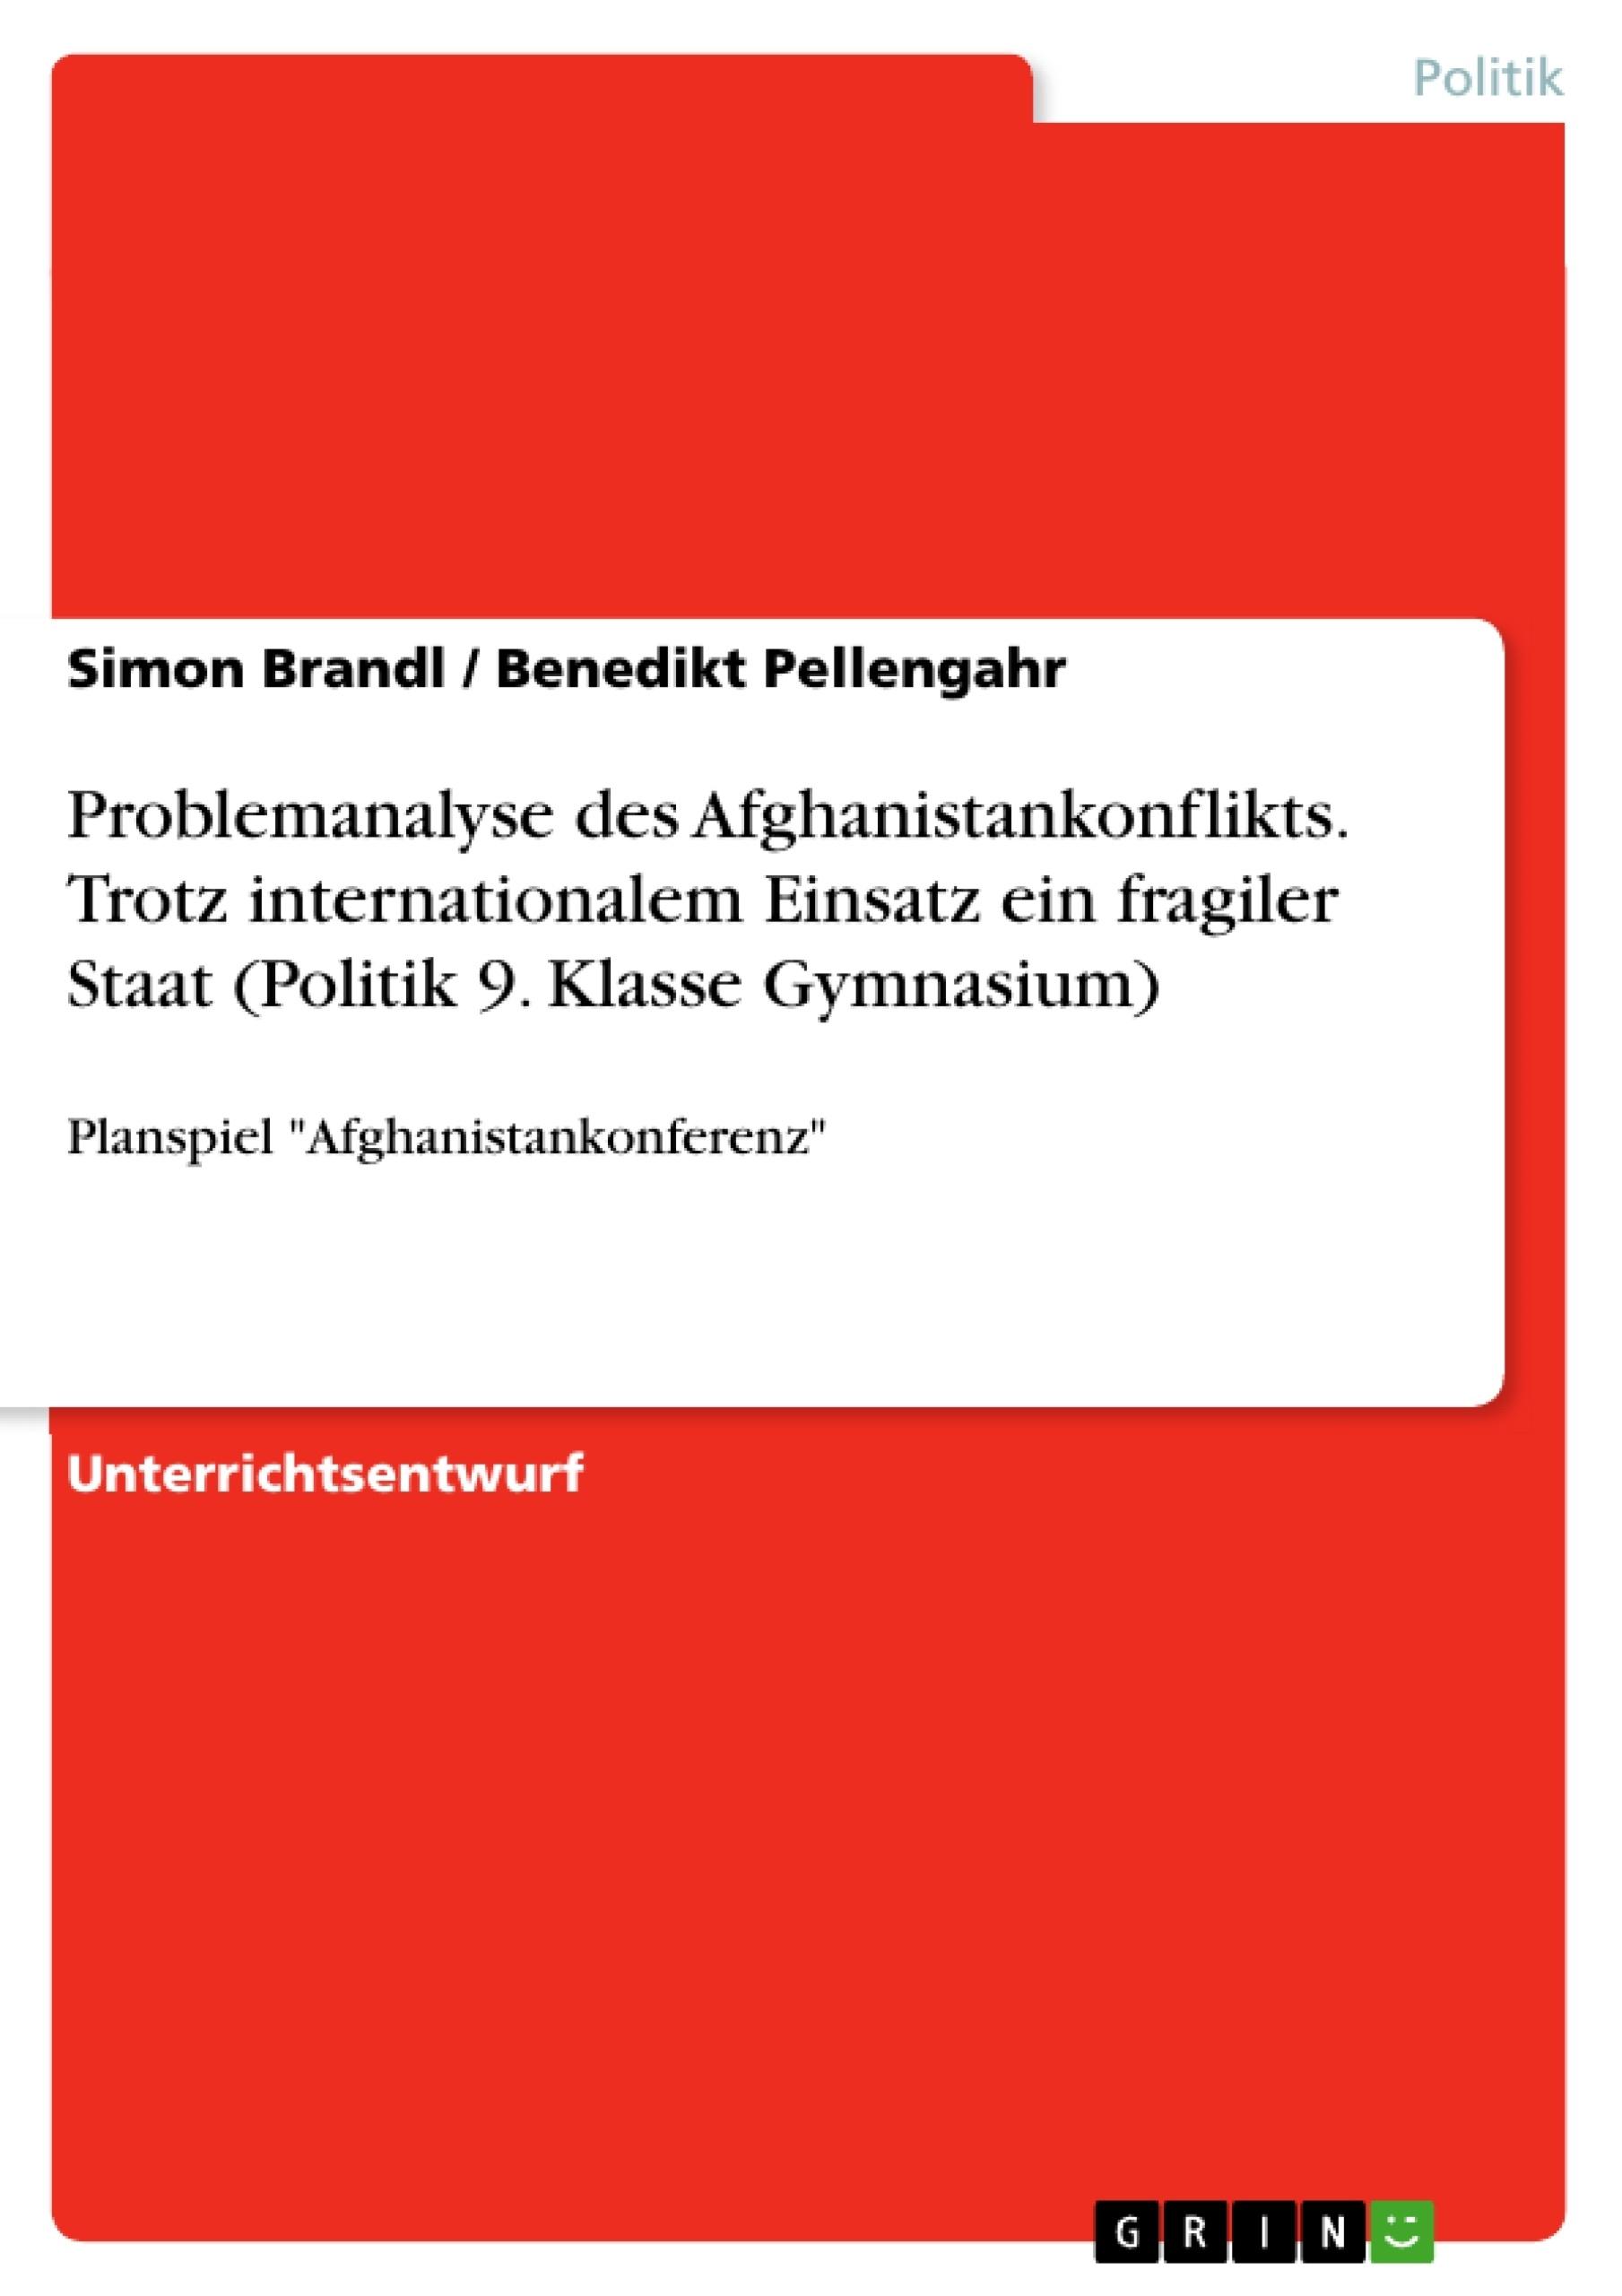 Titel: Problemanalyse des Afghanistankonflikts. Trotz internationalem Einsatz ein fragiler Staat (Politik 9. Klasse Gymnasium)